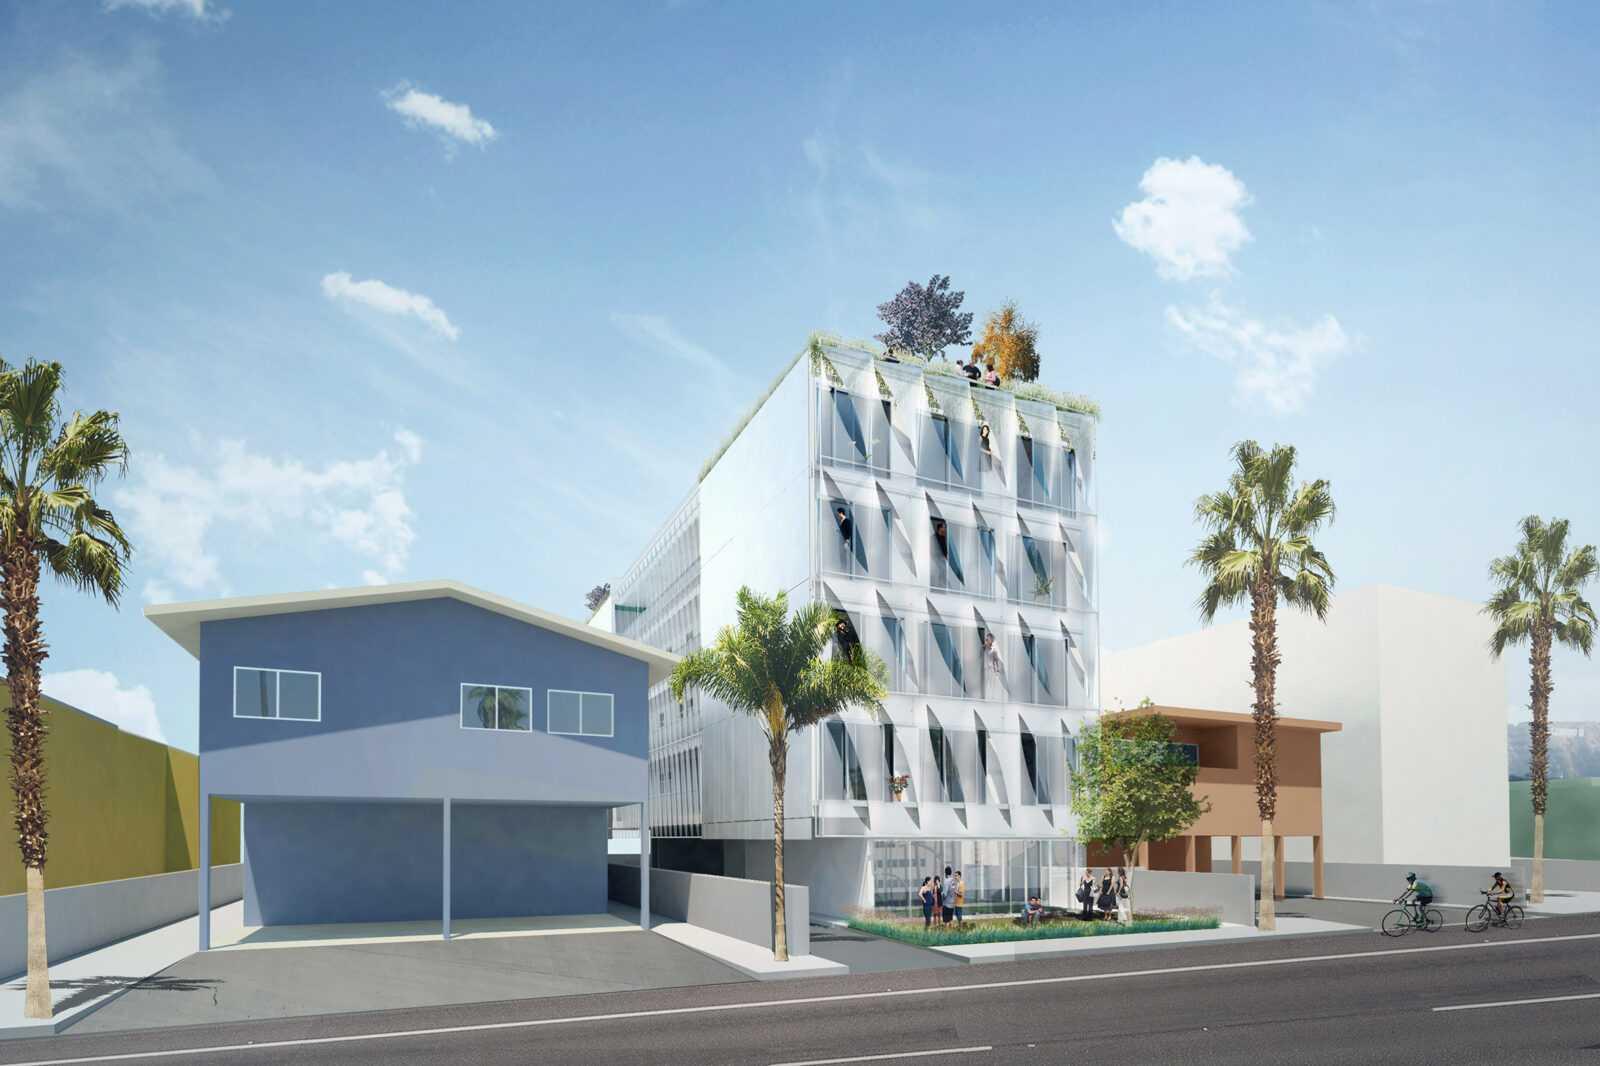 Есть идея! Строительство приютов для бездомных и вспомогательного жилья